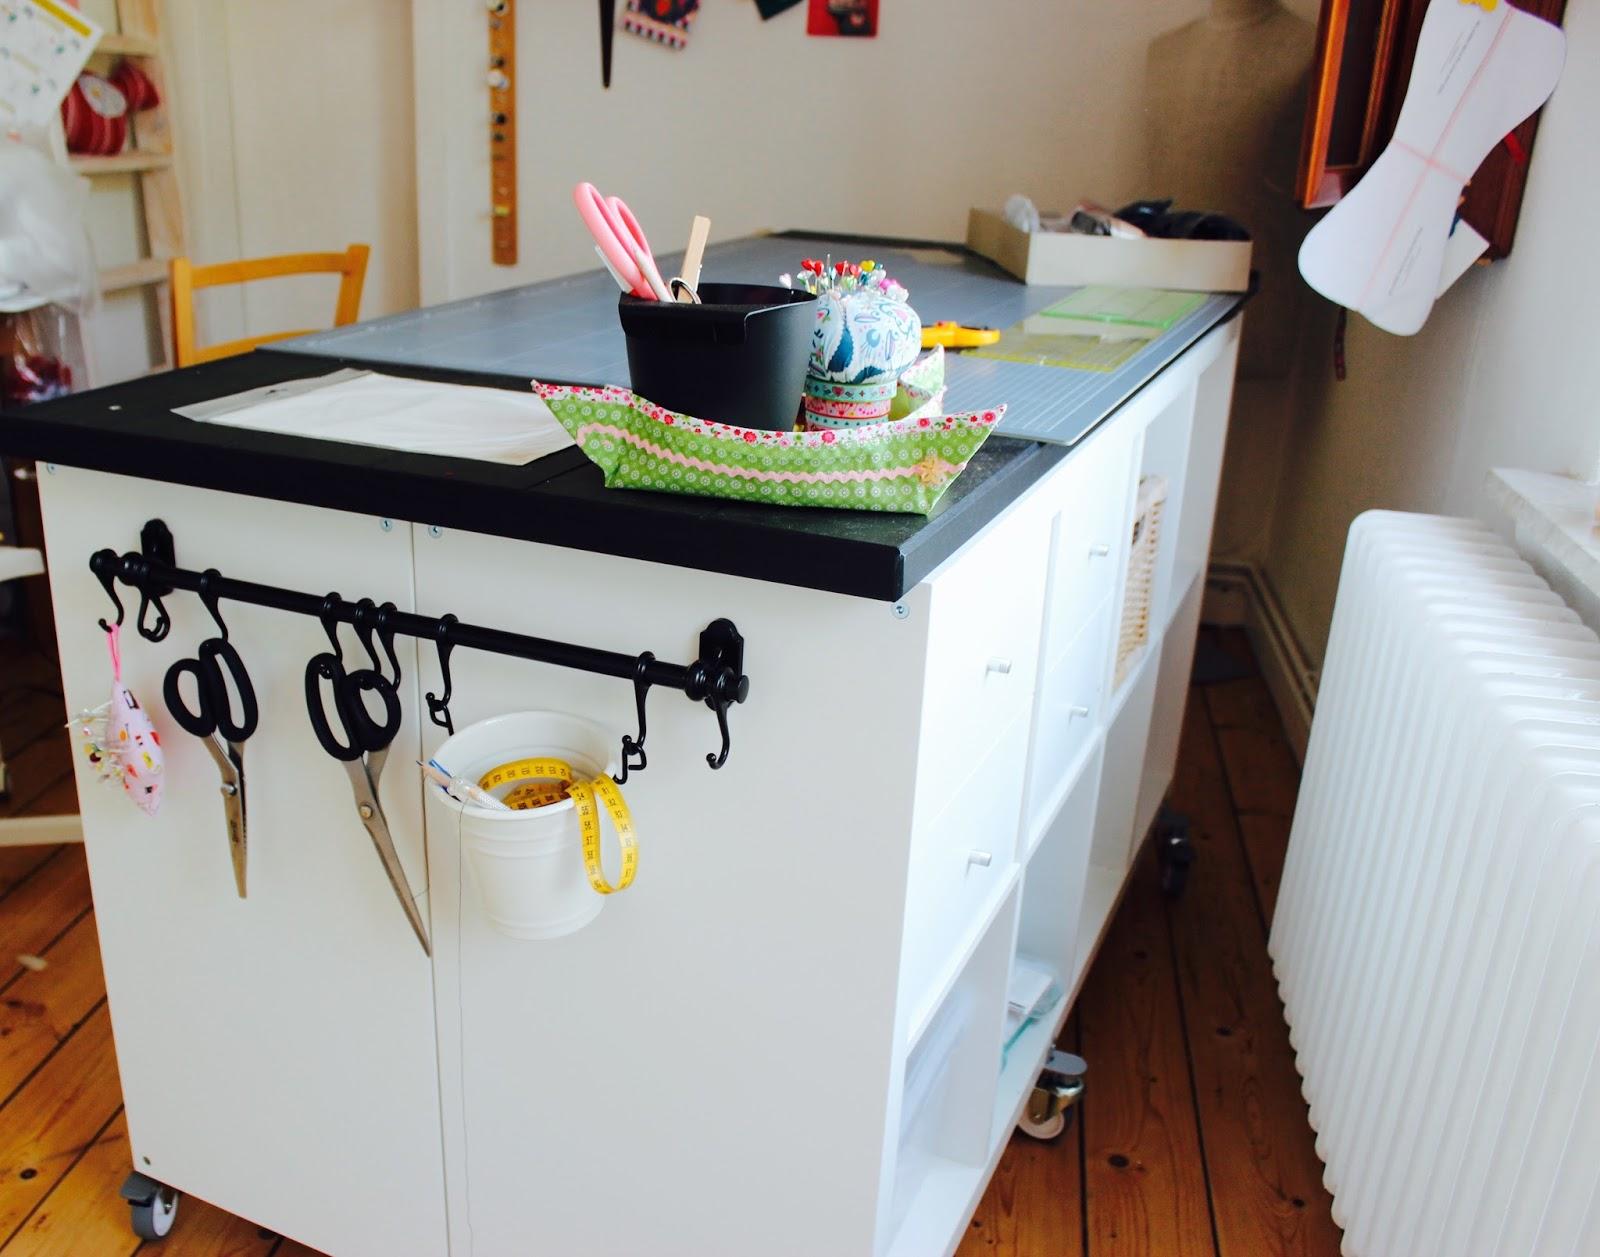 herzens mein n hzimmer mein reich. Black Bedroom Furniture Sets. Home Design Ideas